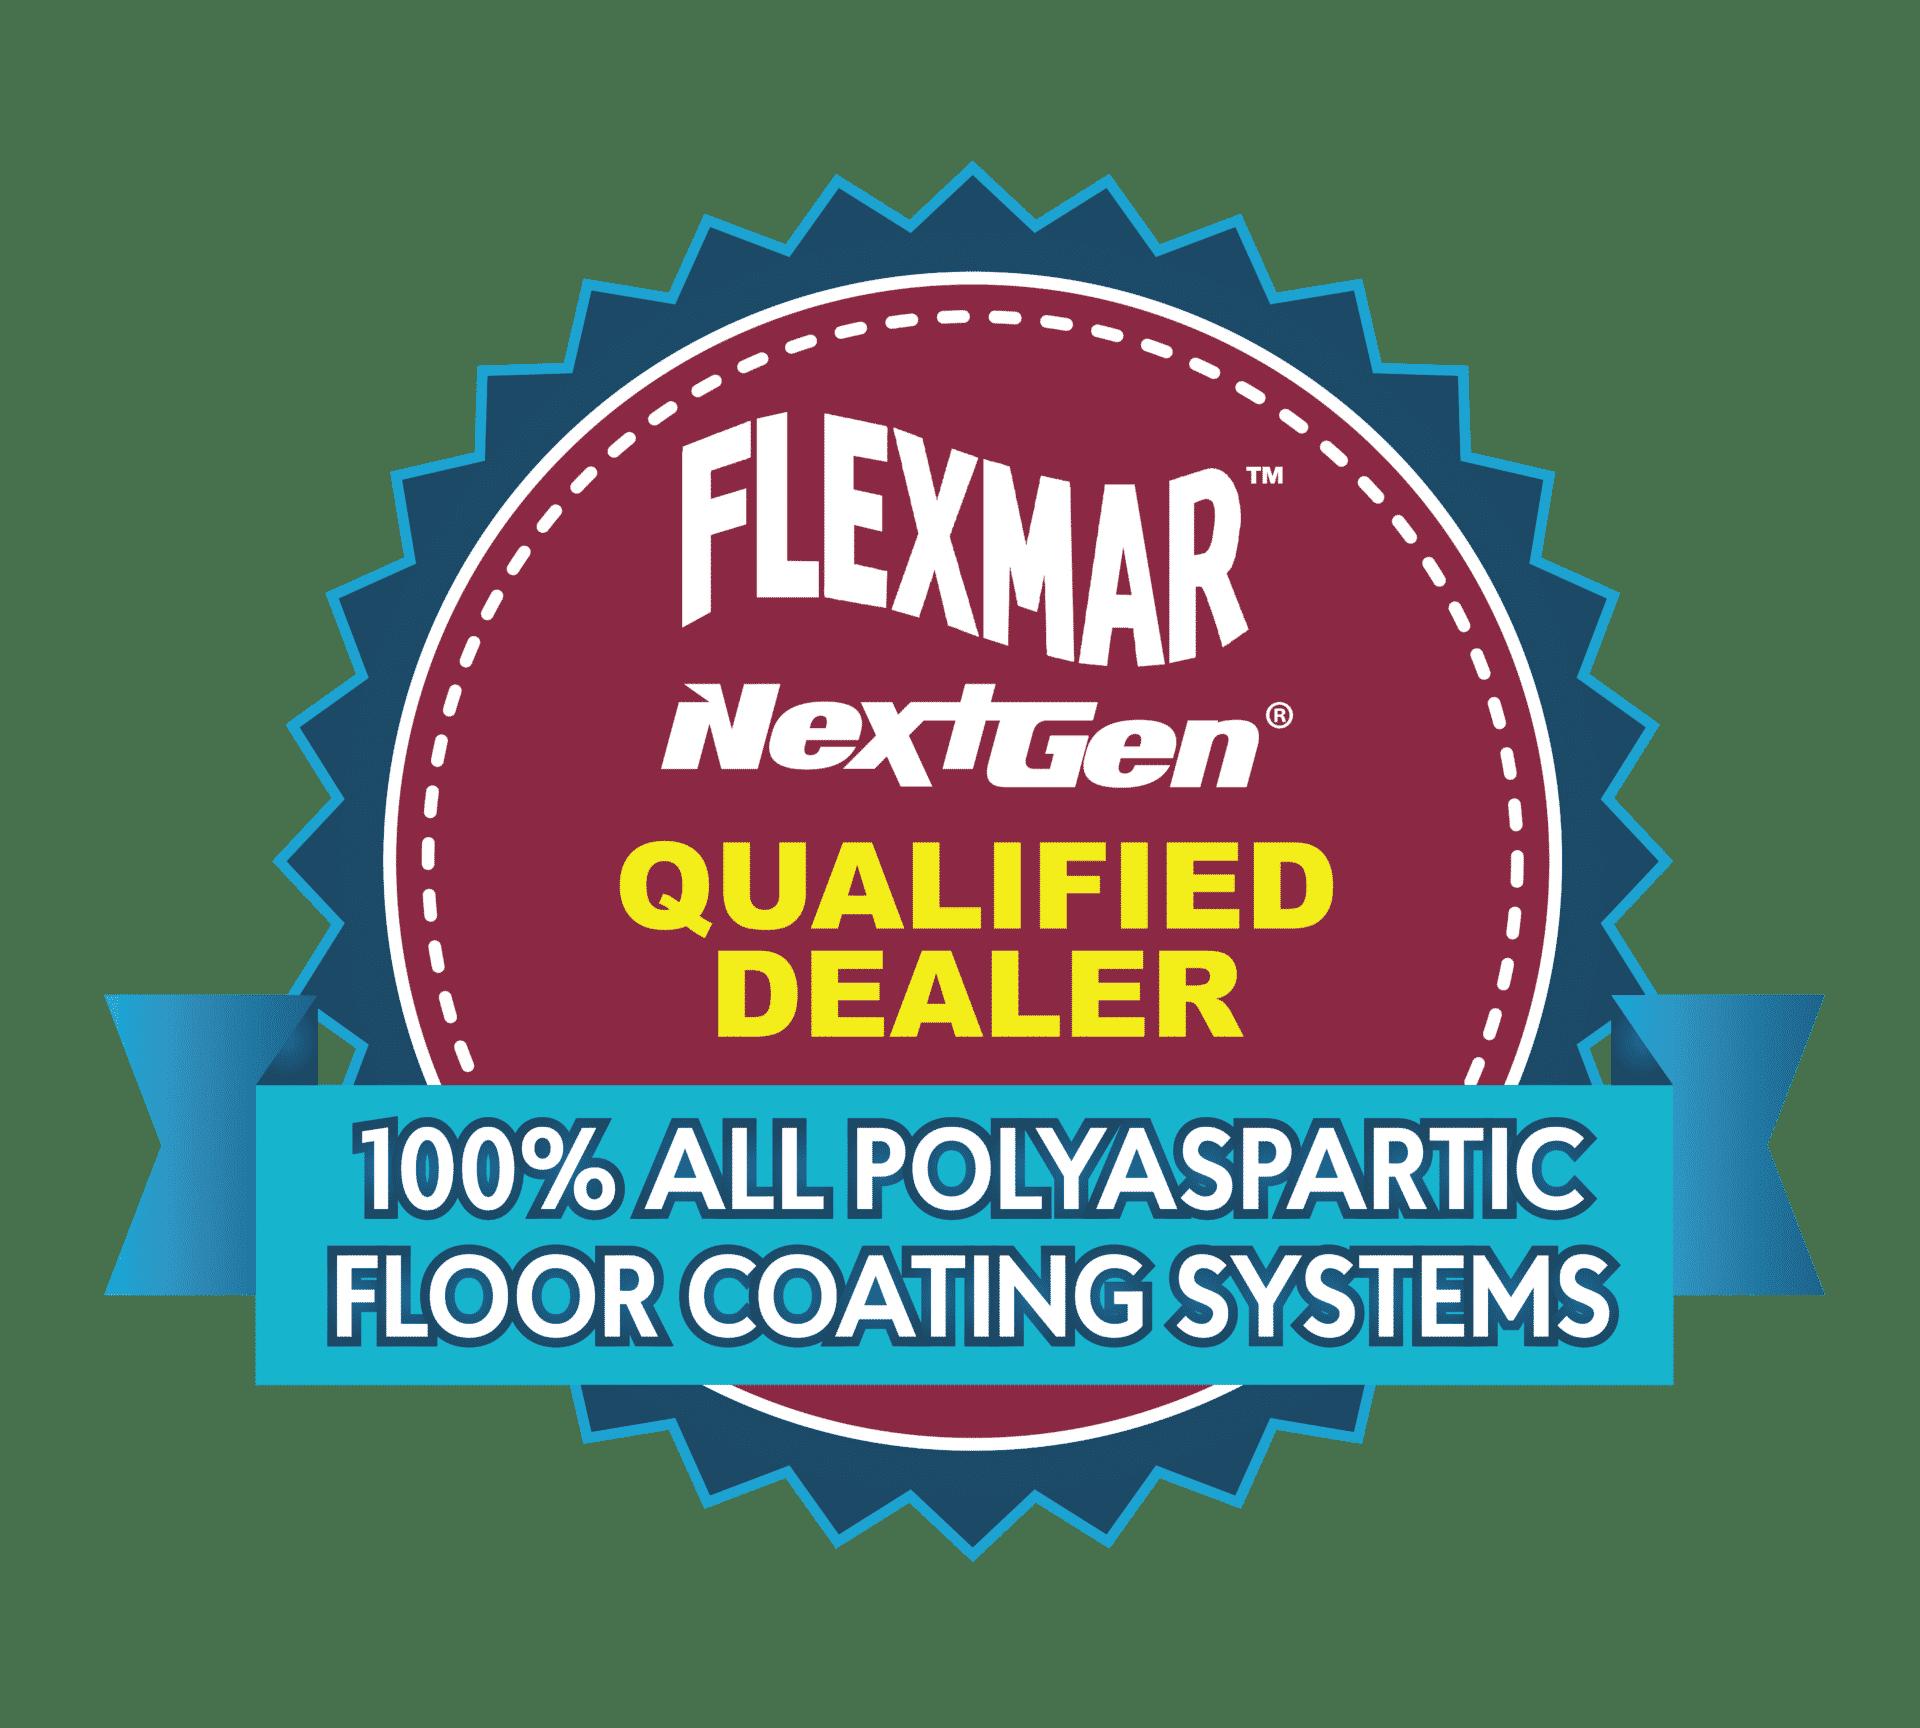 flexmar qualified dealer badge